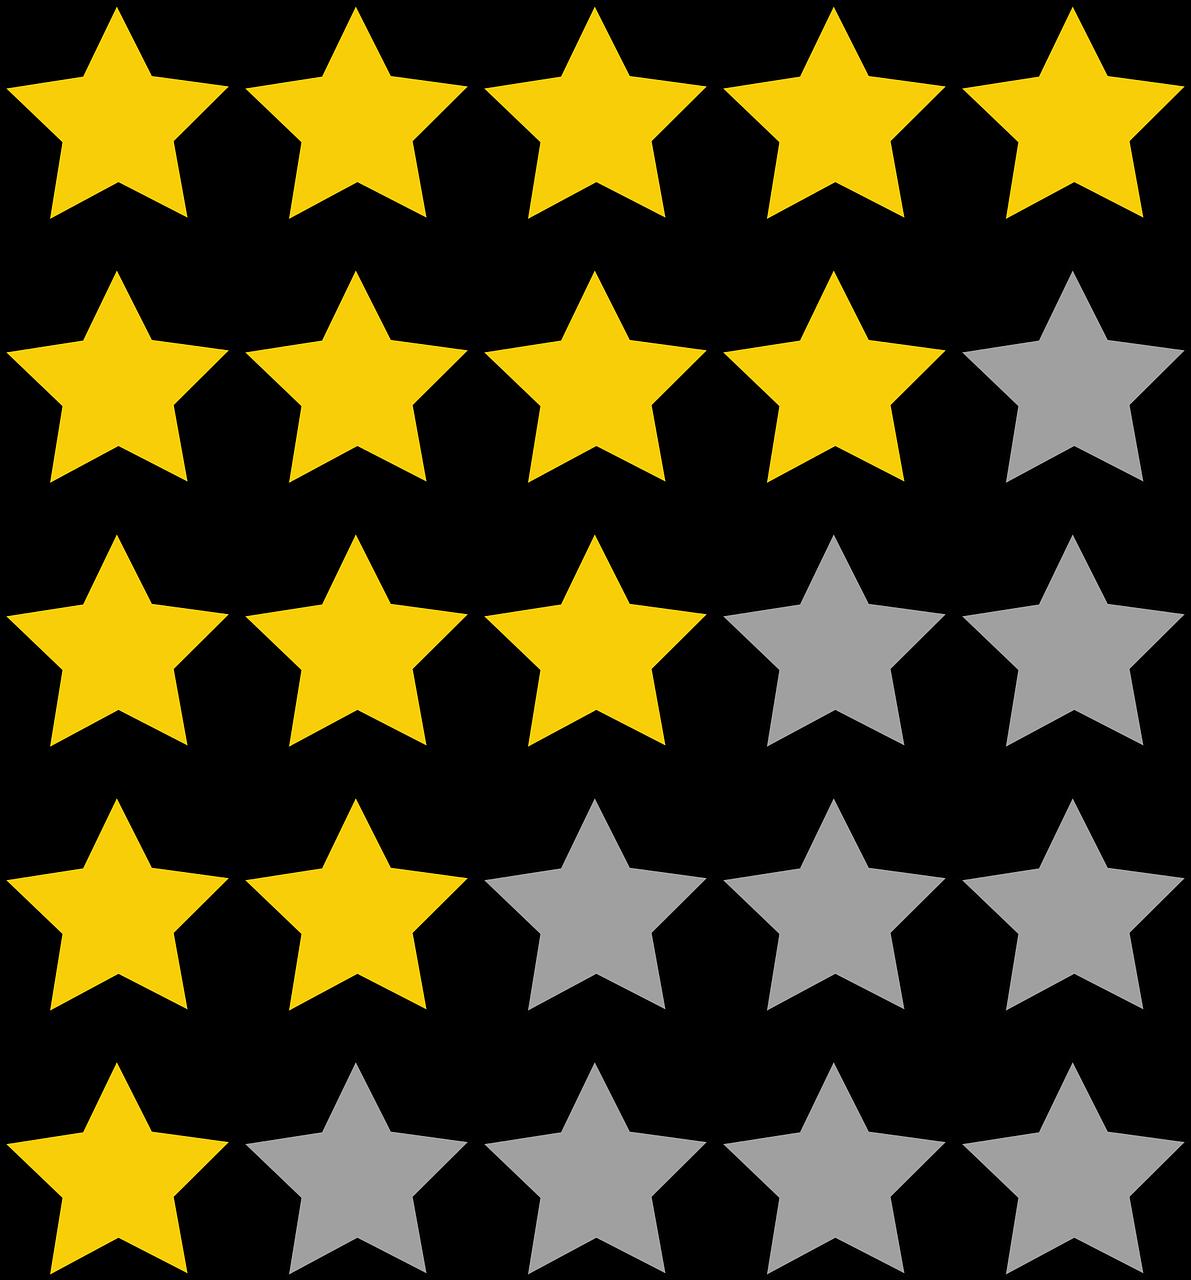 alm reviews